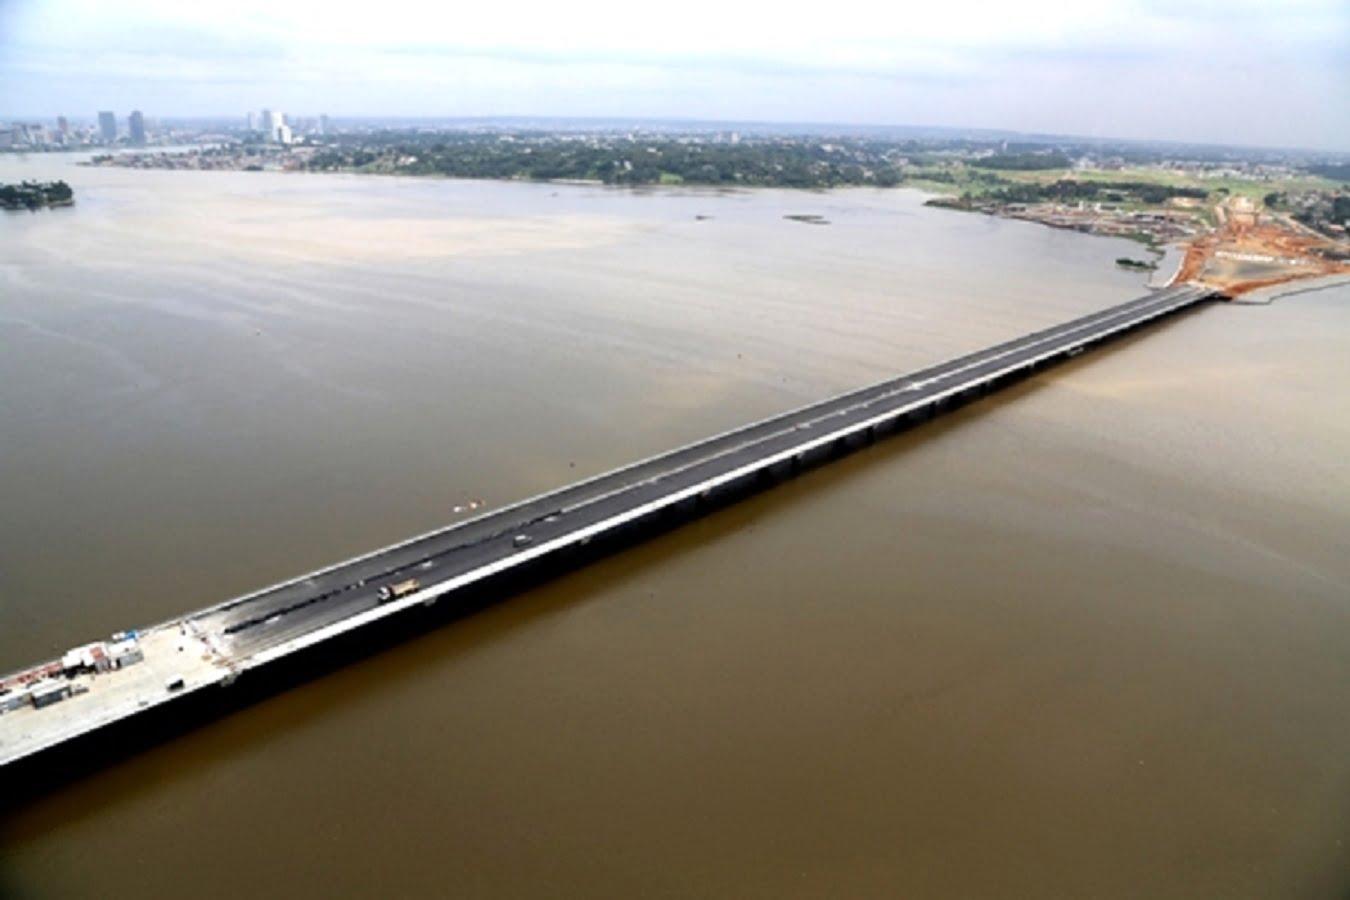 Après la livraison du pont de bettié est en cette fin dannée 2018 verra le lancement des travaux de construction du 4e pont dabidjan reliant le plateau